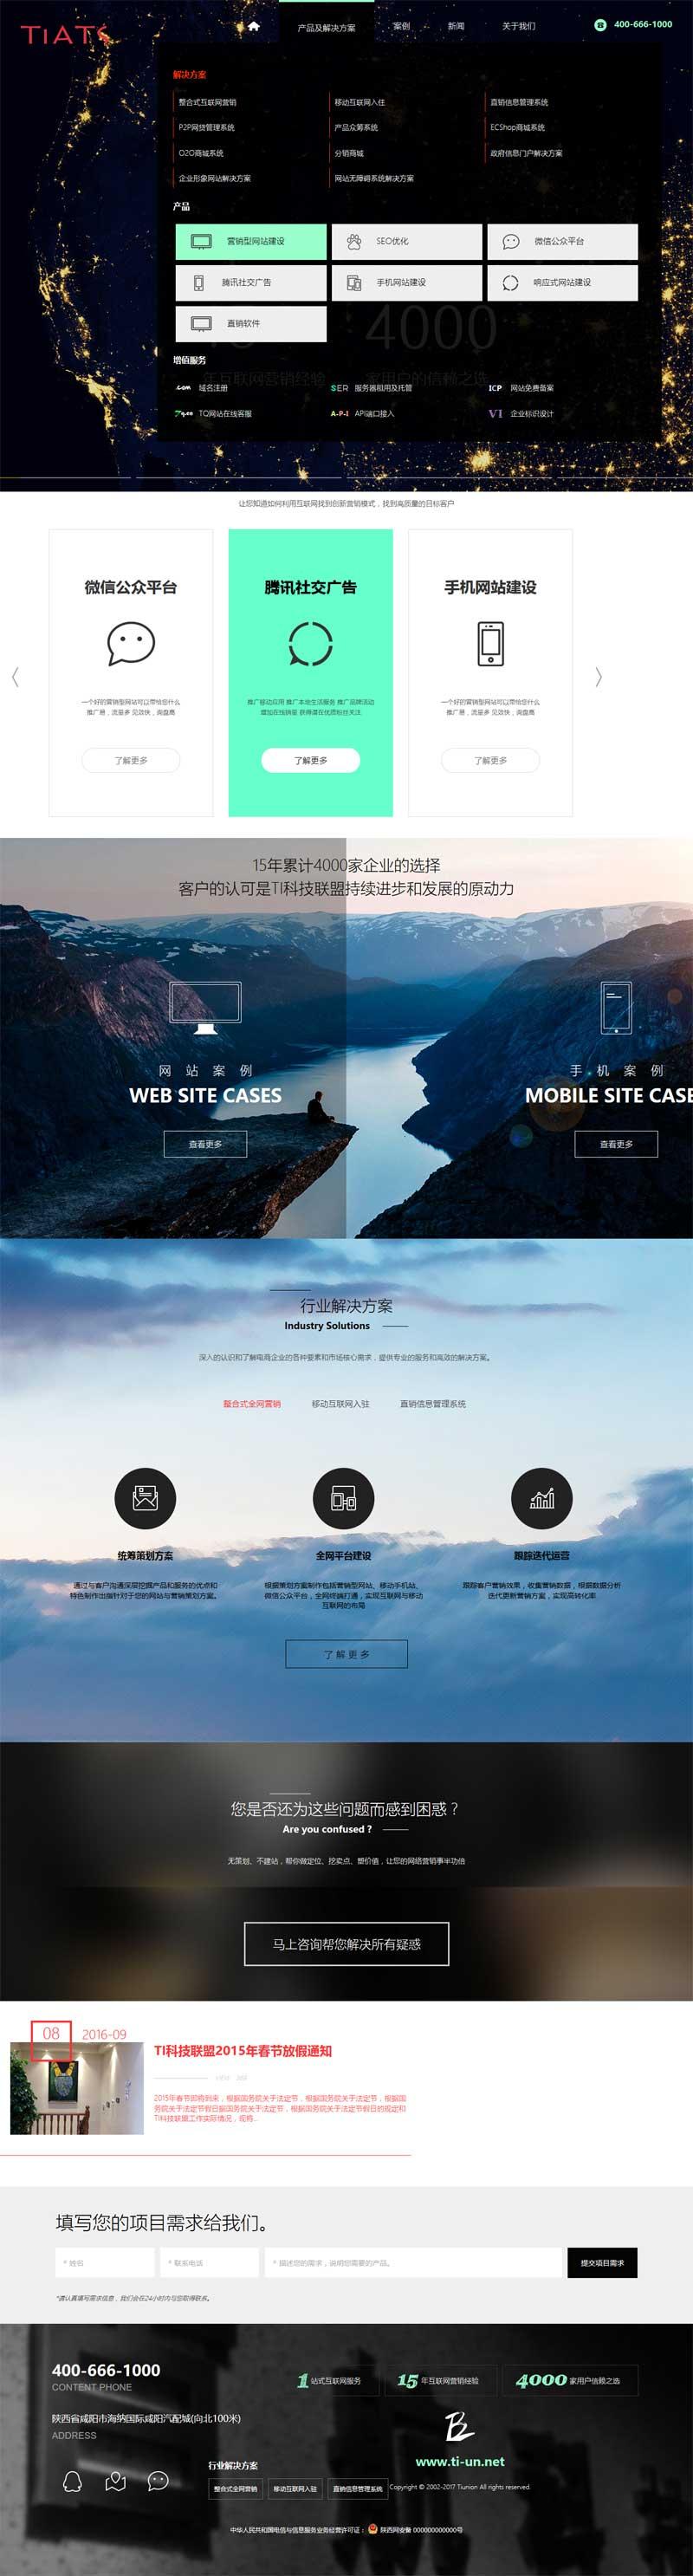 html5大气的Ti网络科技公司网页模板下载